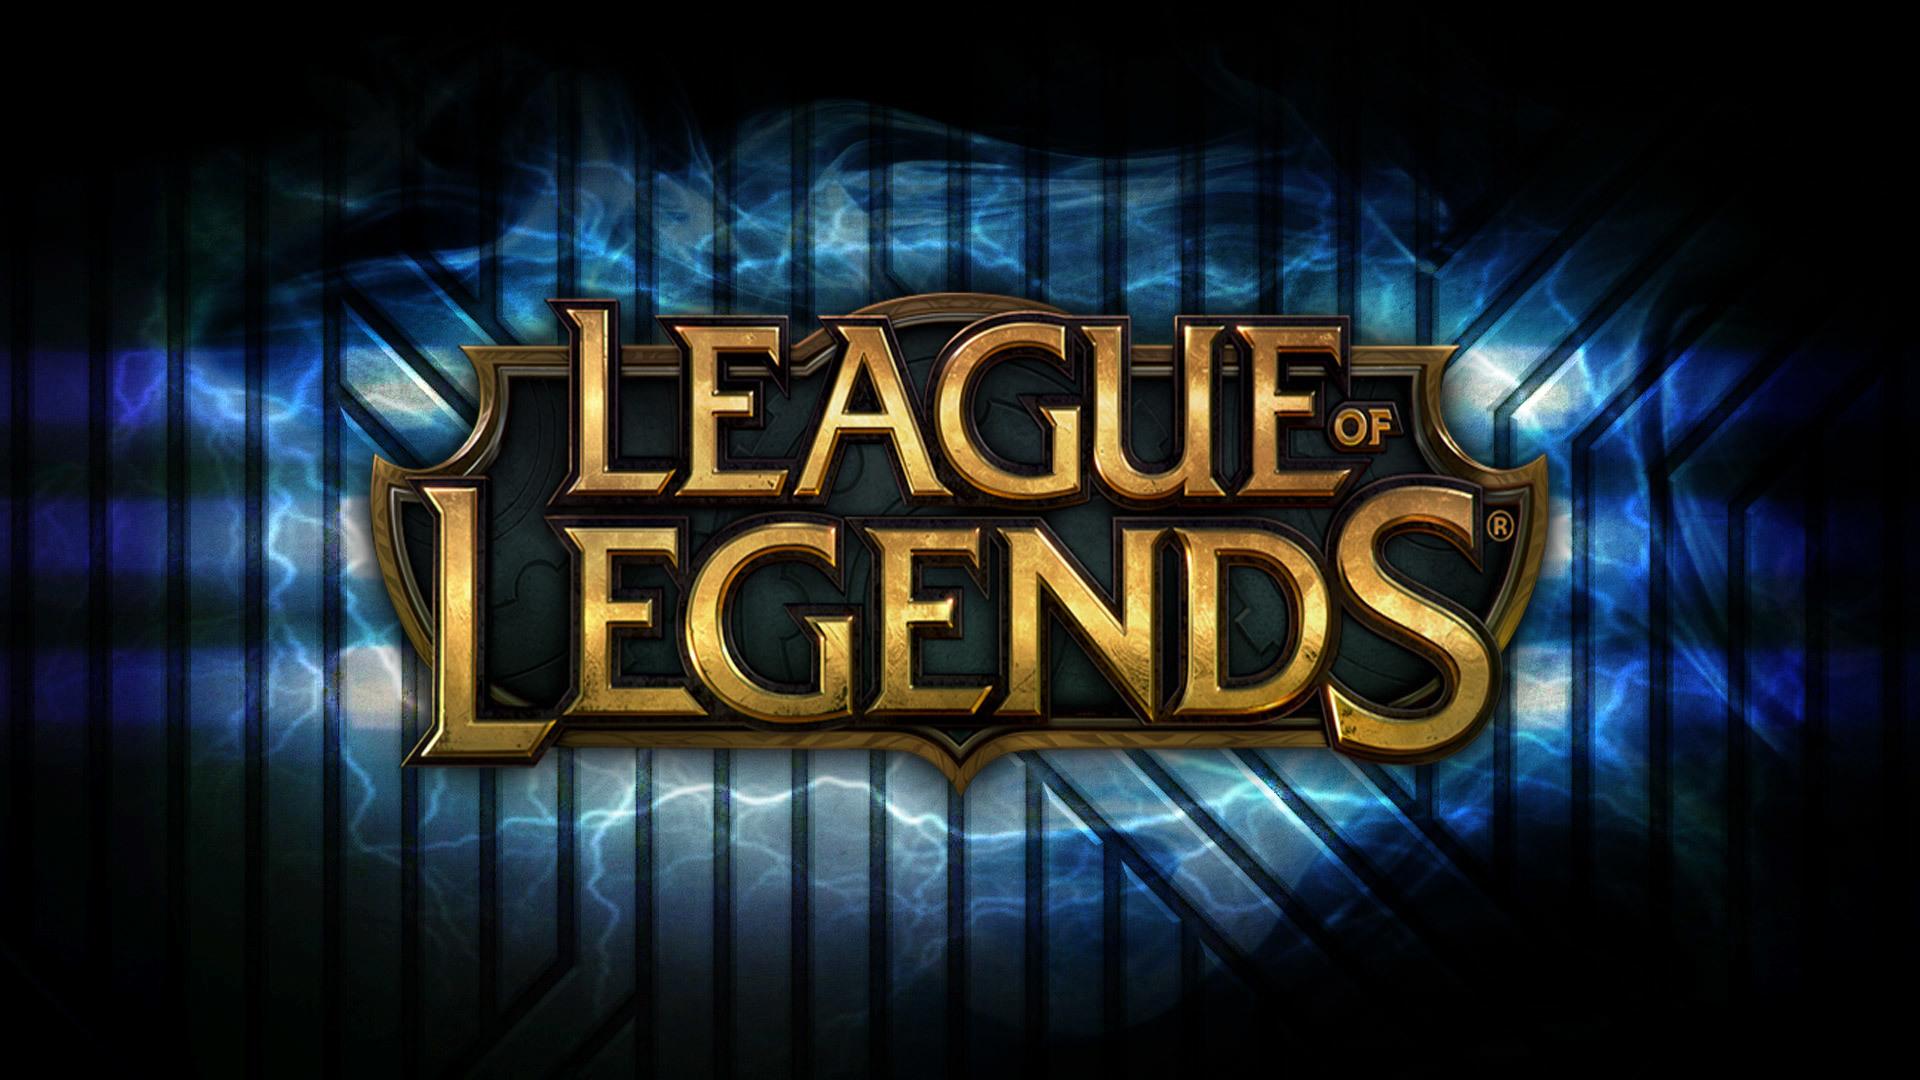 league-of-legends-logo-wallpaper-2-1.jpg